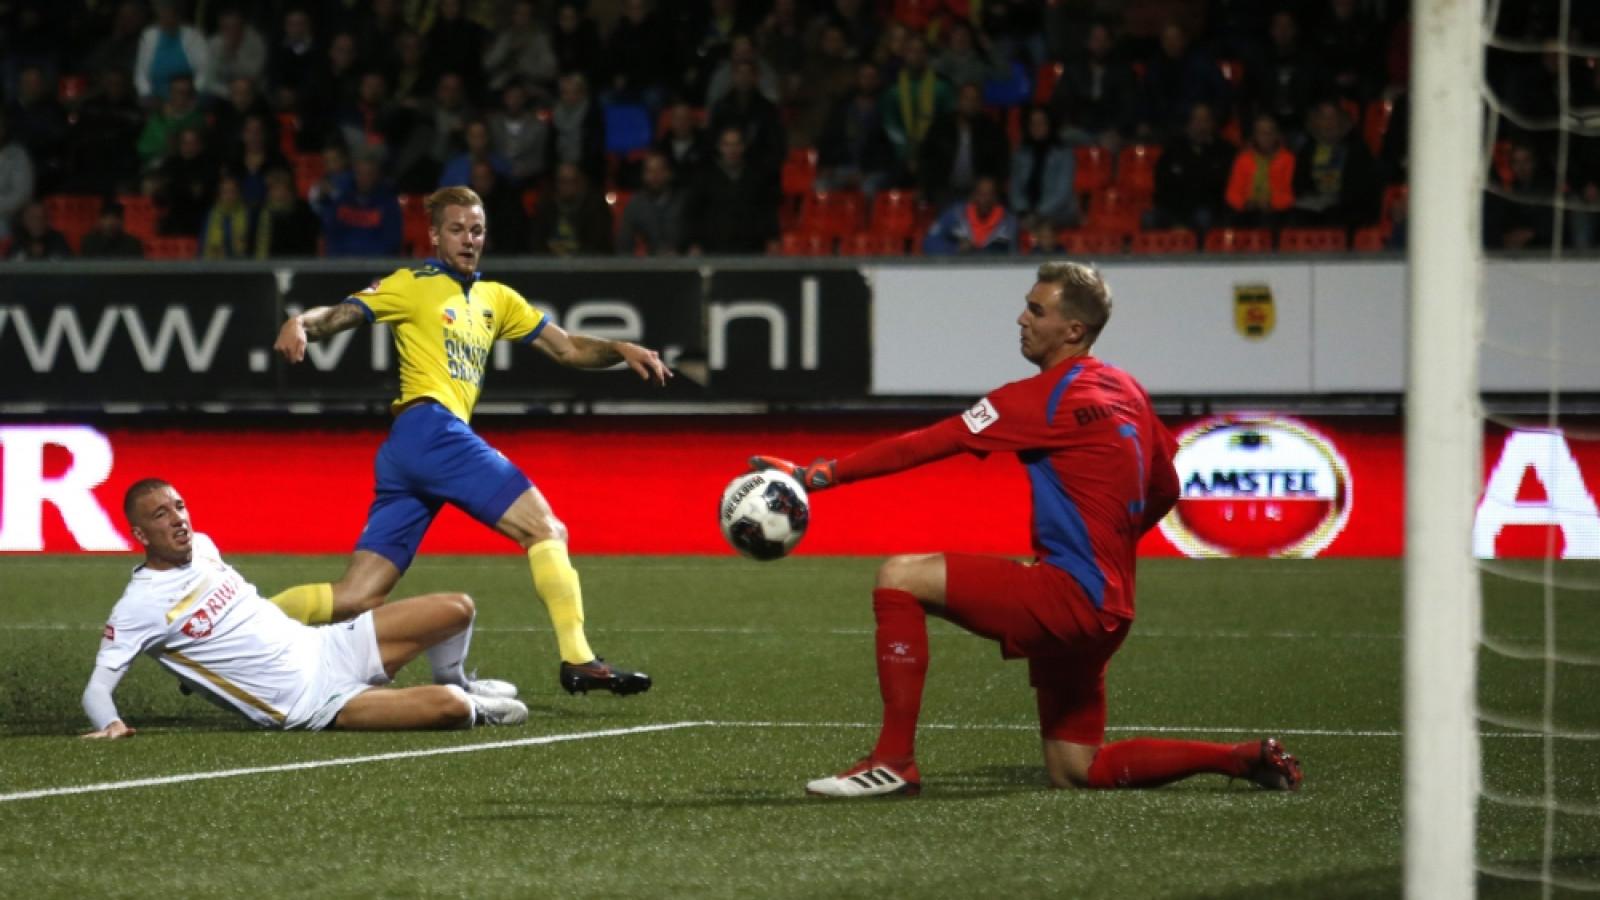 Pro Shots/Henk Jan Dijks